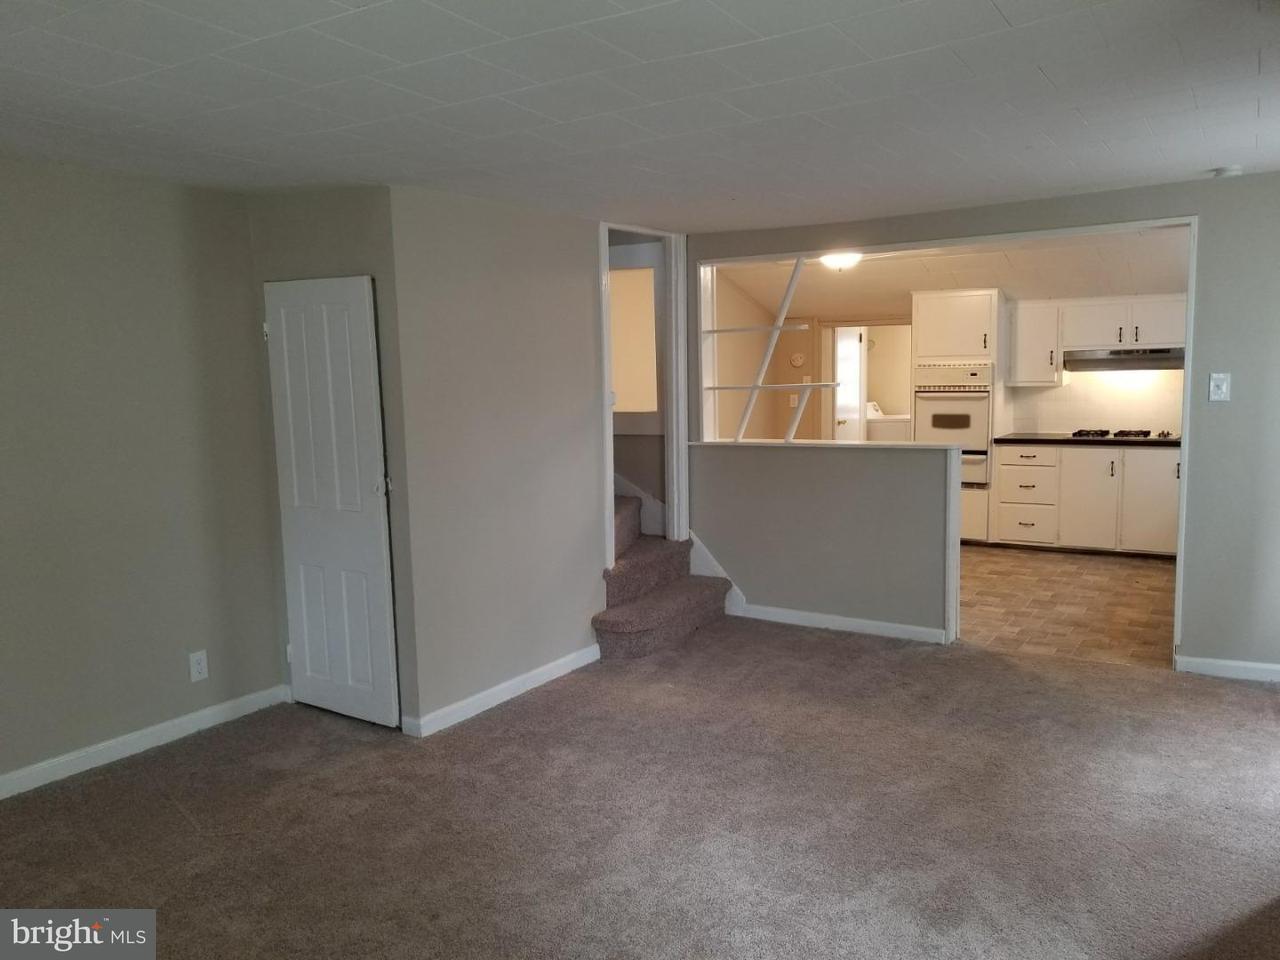 联栋屋 为 出租 在 139 S MAIN Street Medford, 新泽西州 08055 美国